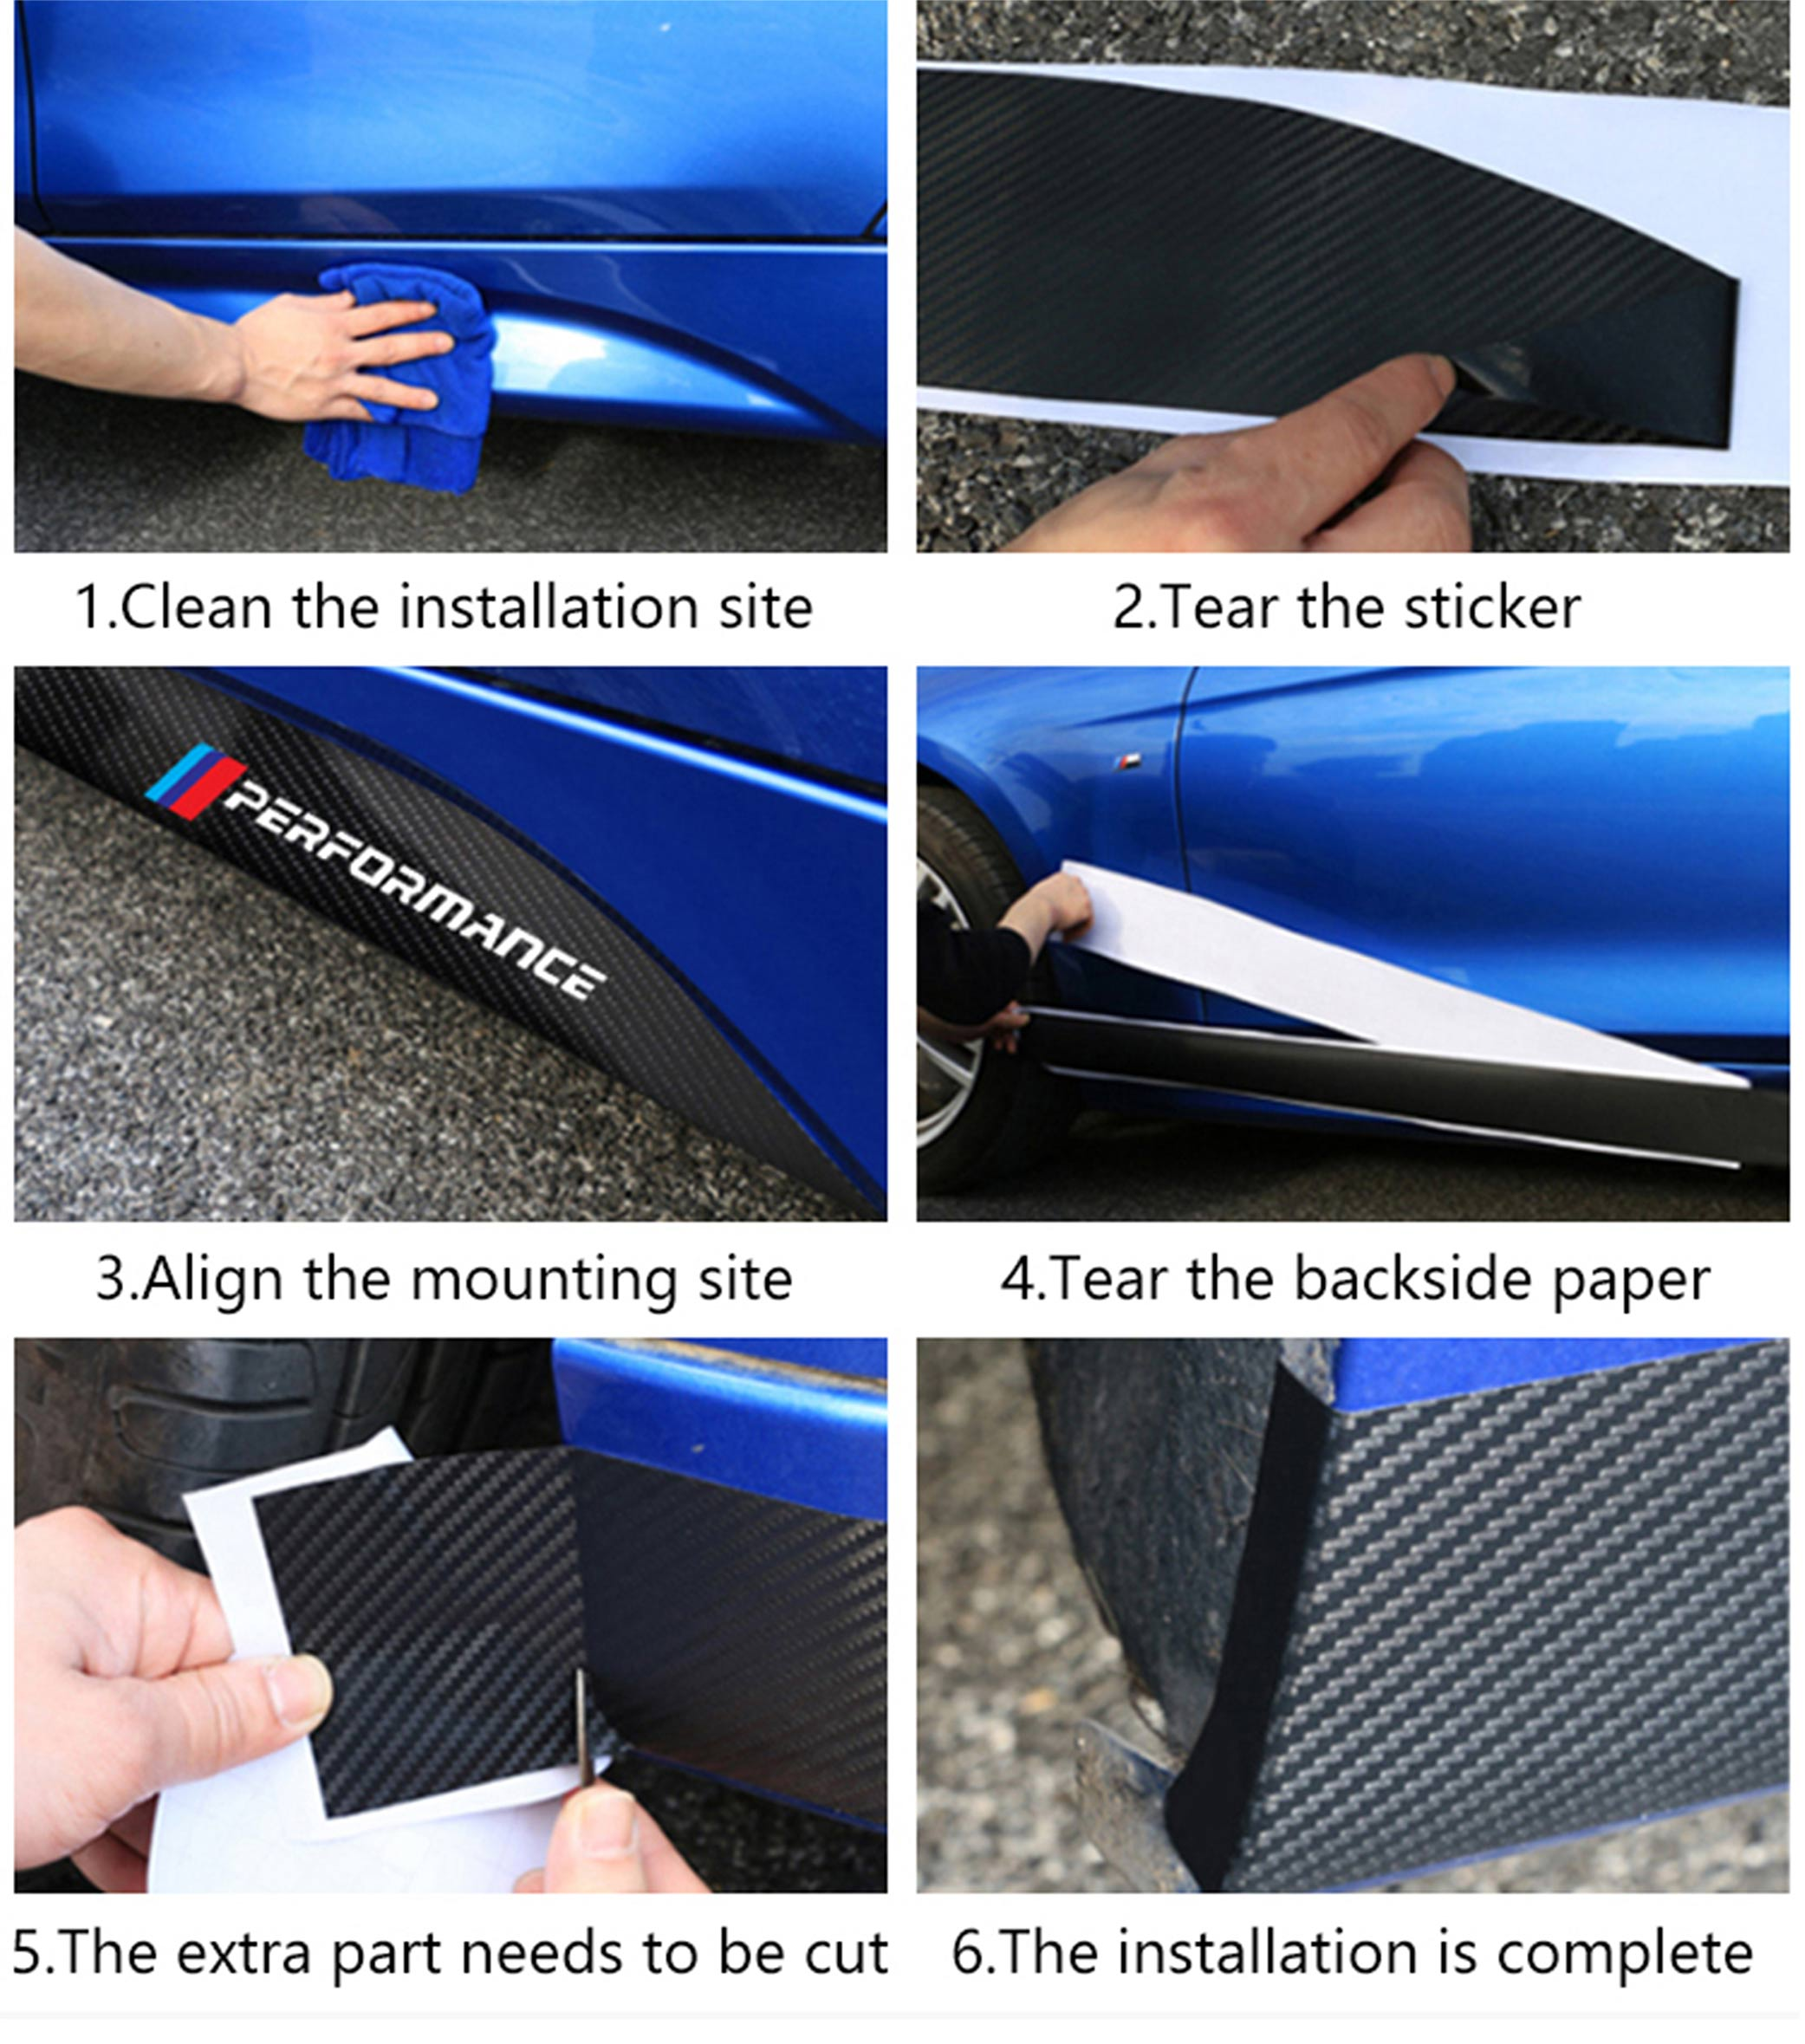 Юнион Джек заднего бампера багажника защита края нагрузки оградительная Защита Наклейка для MINI Cooper S R56 R57 One JCW аксессуары